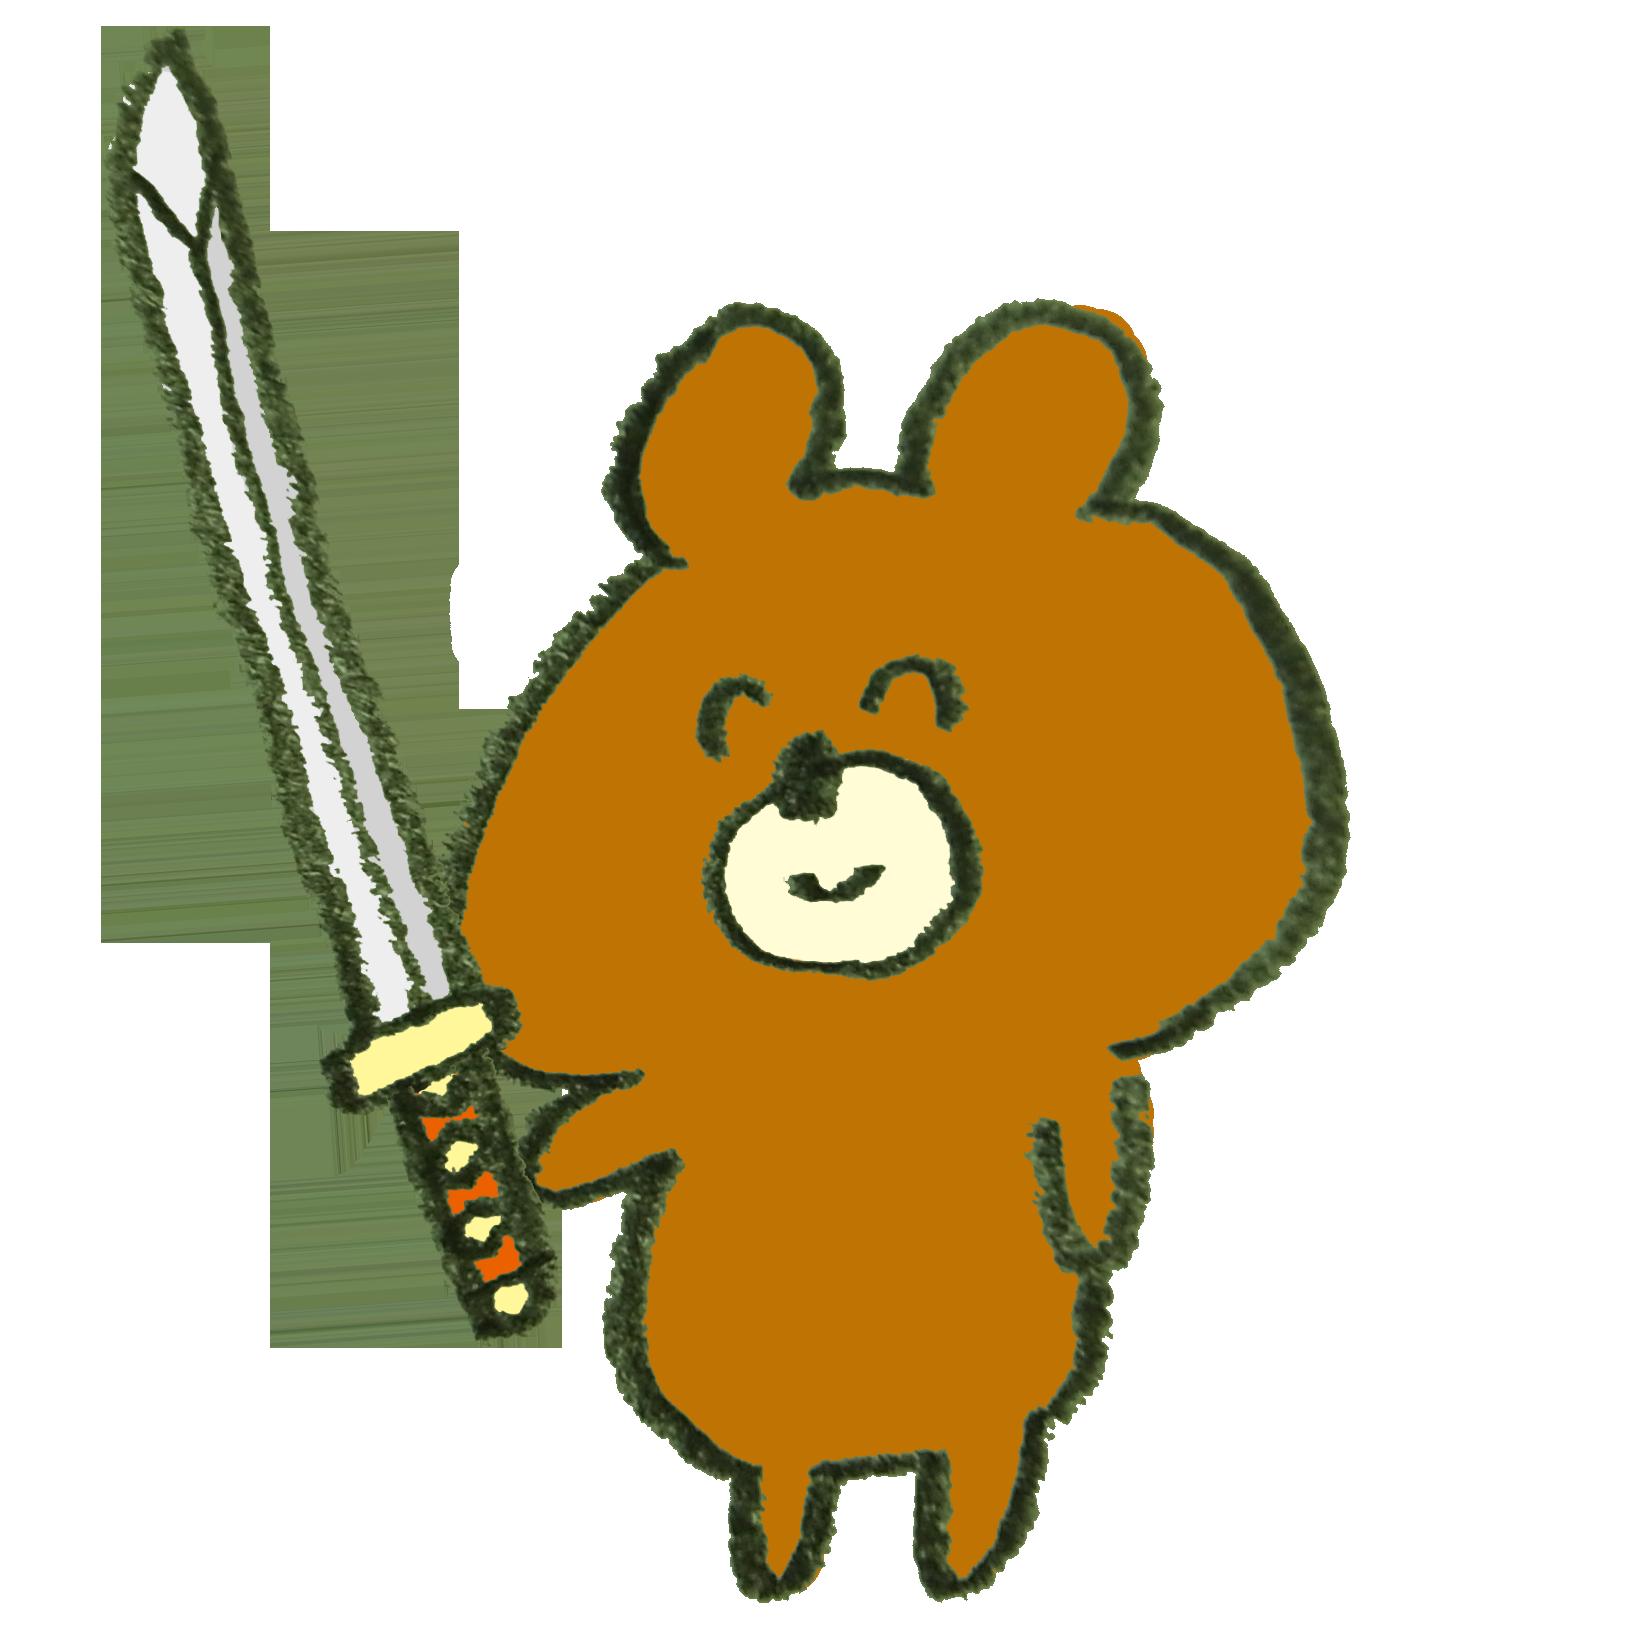 刀をにぎる熊